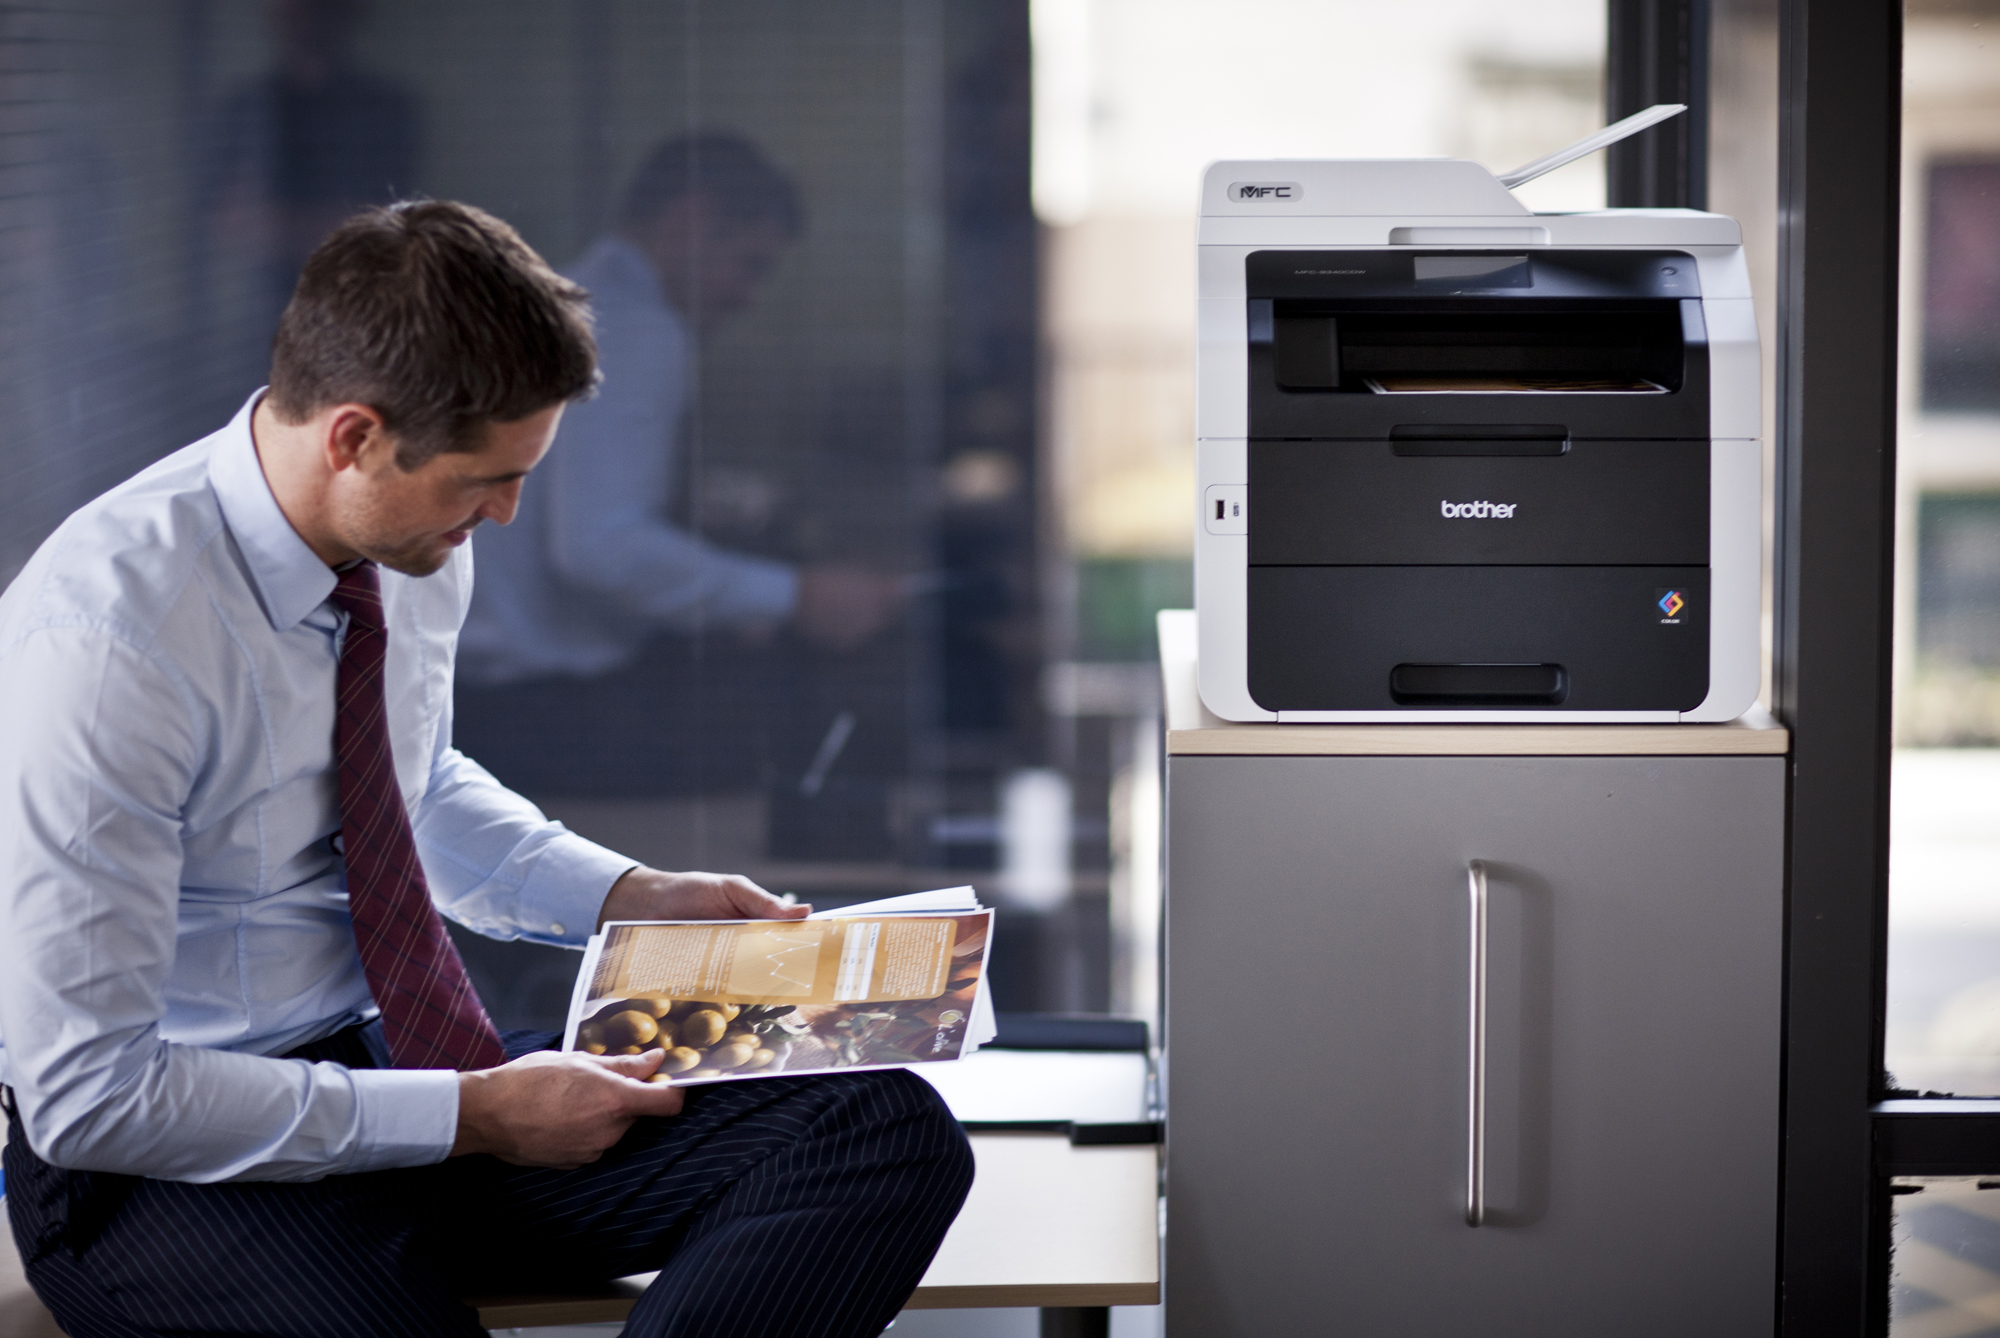 Impresoras brother cualidades y funciones impresoras y - Impresoras para oficina ...